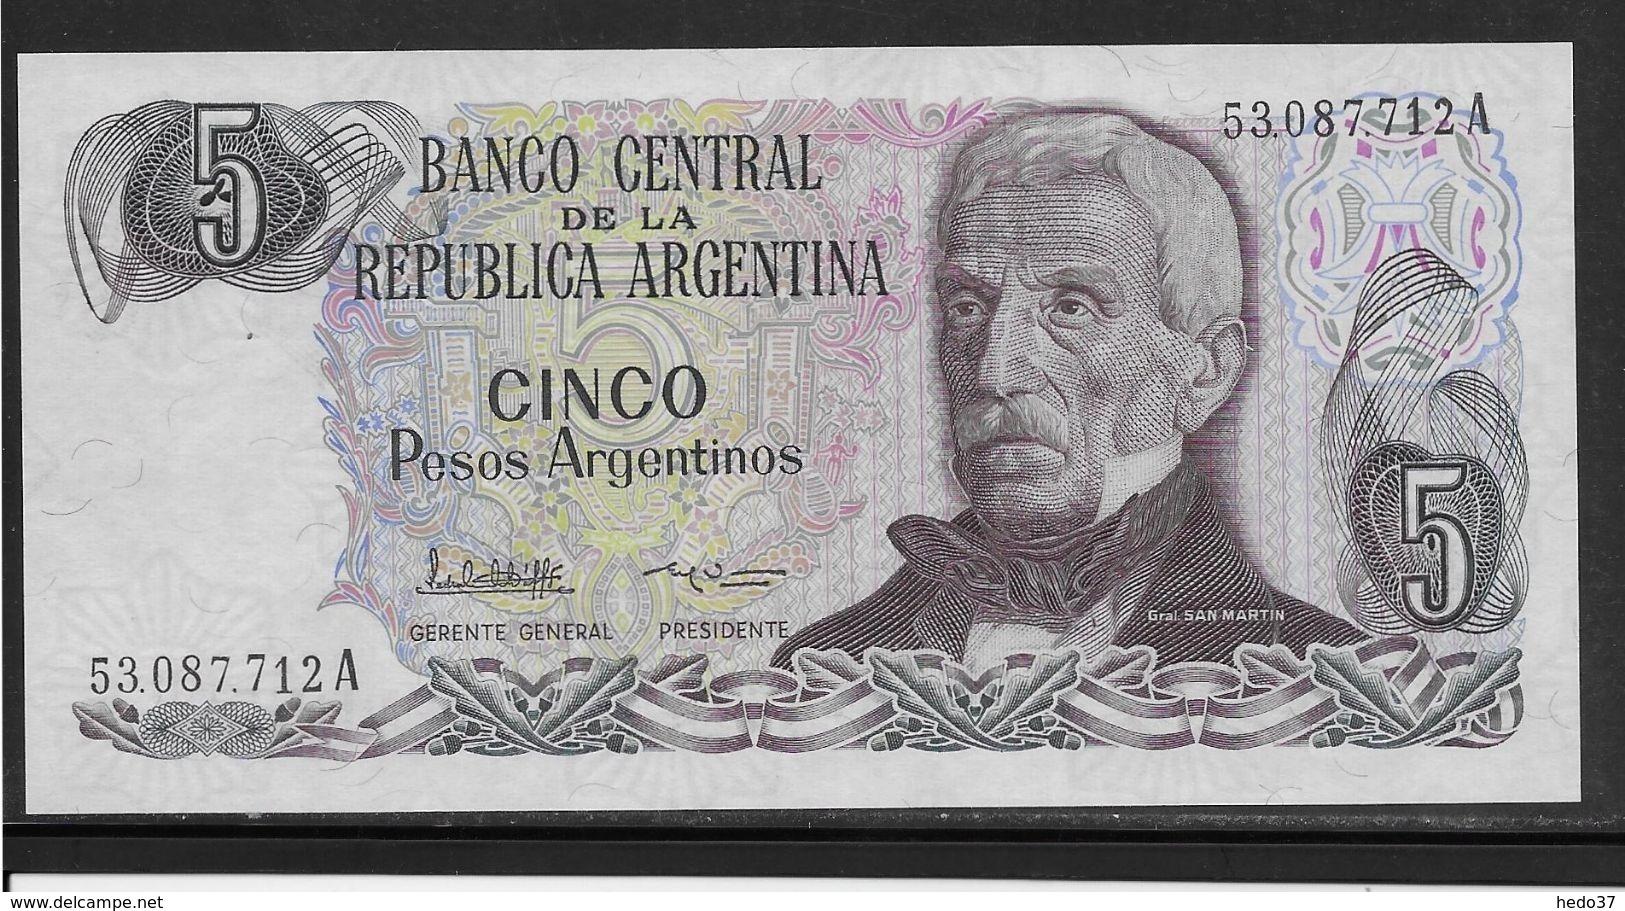 ARGENTINA 1 AUSTRAL P 323 SERIES C UNC